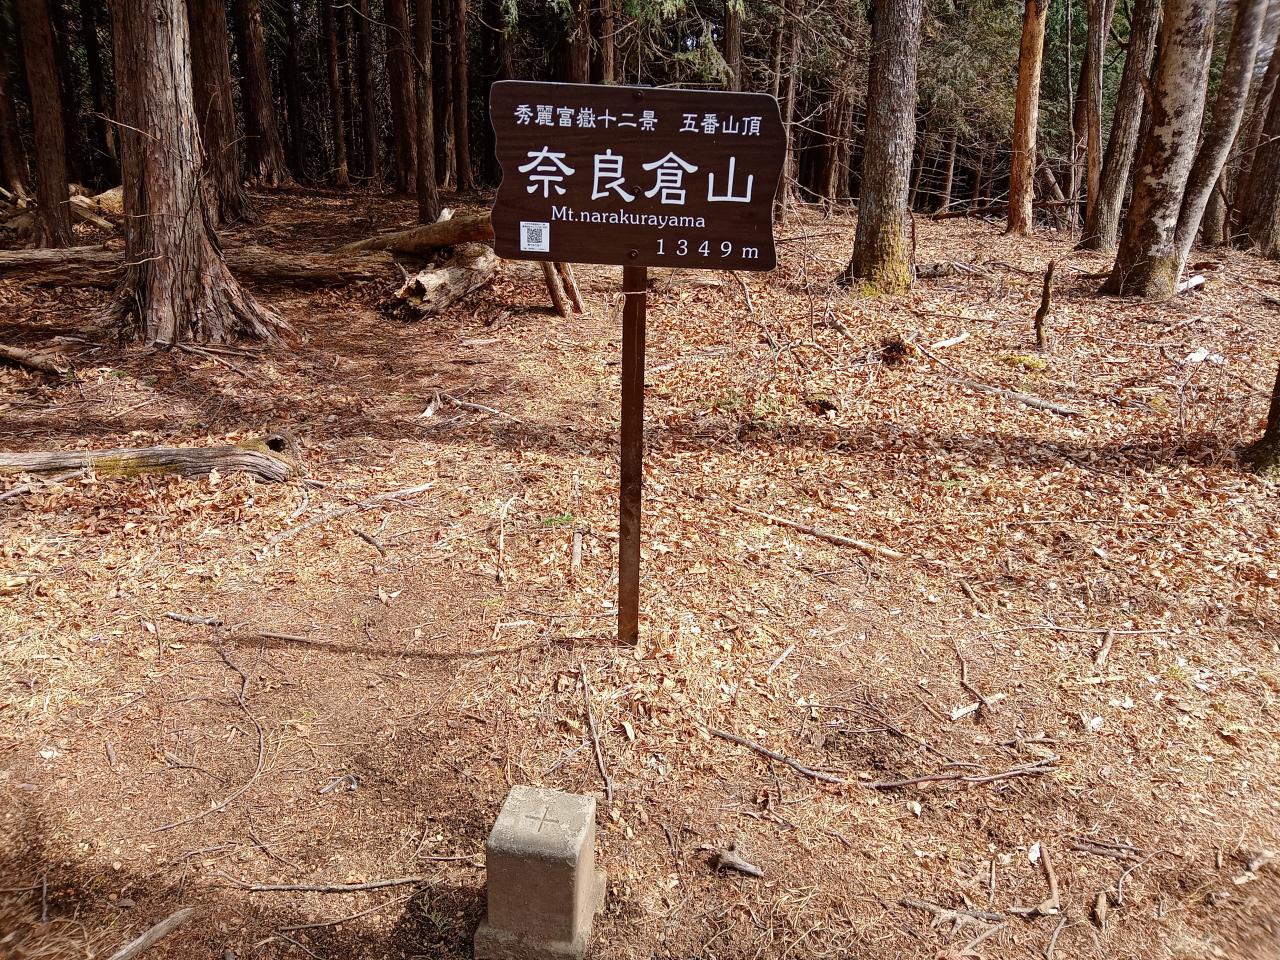 秀麗富嶽十二景(奈良倉山) - 小菅の湯 - 2021年3月20日(土 ...